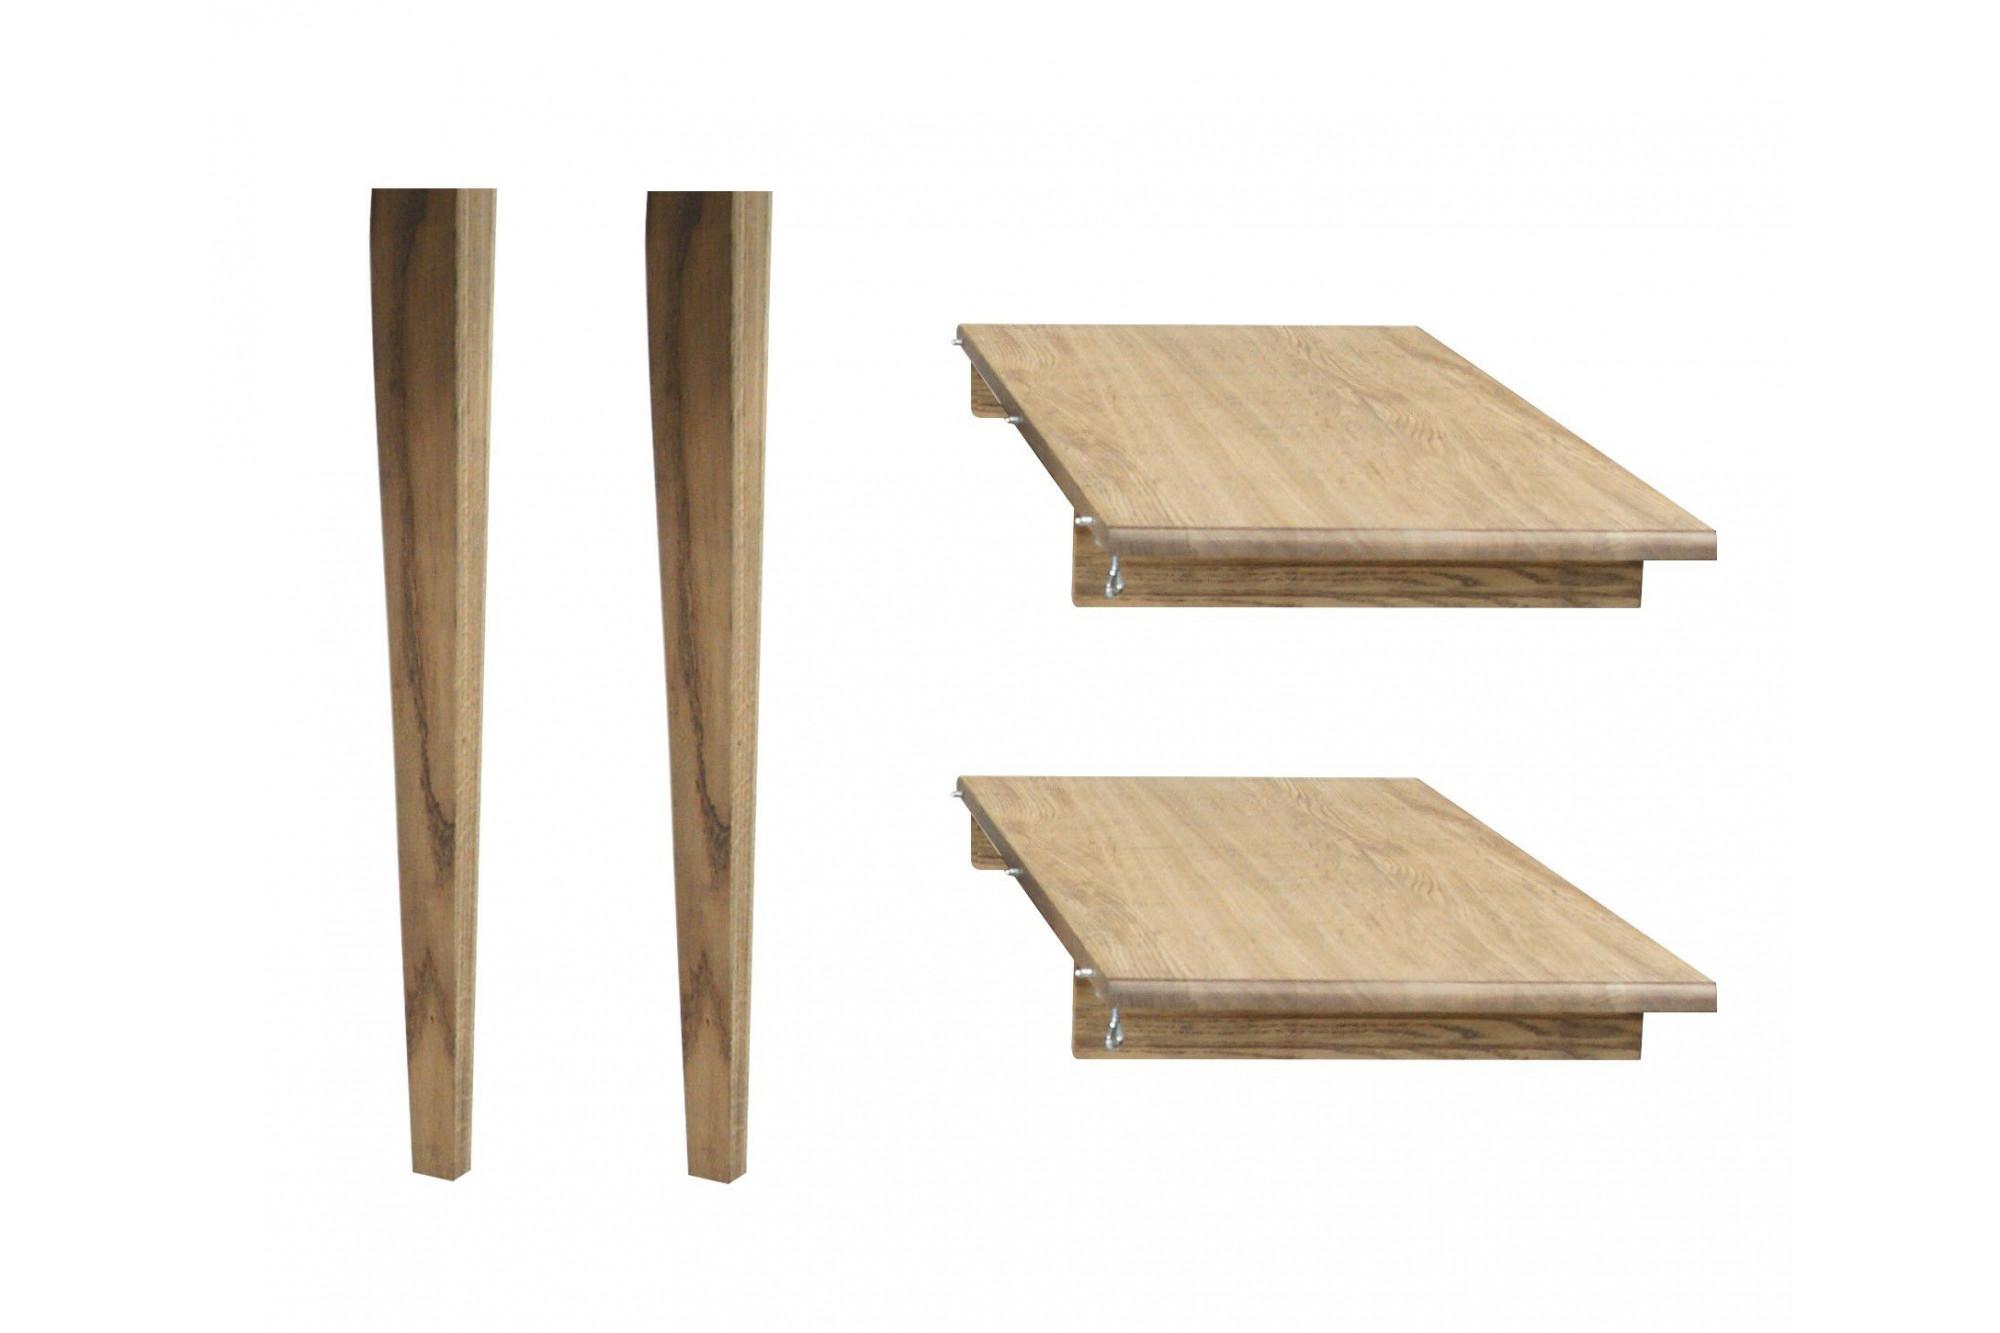 Et En Pieds Rallonges Ronde Table Pour Extensible Hellin Bois 5L4RjA